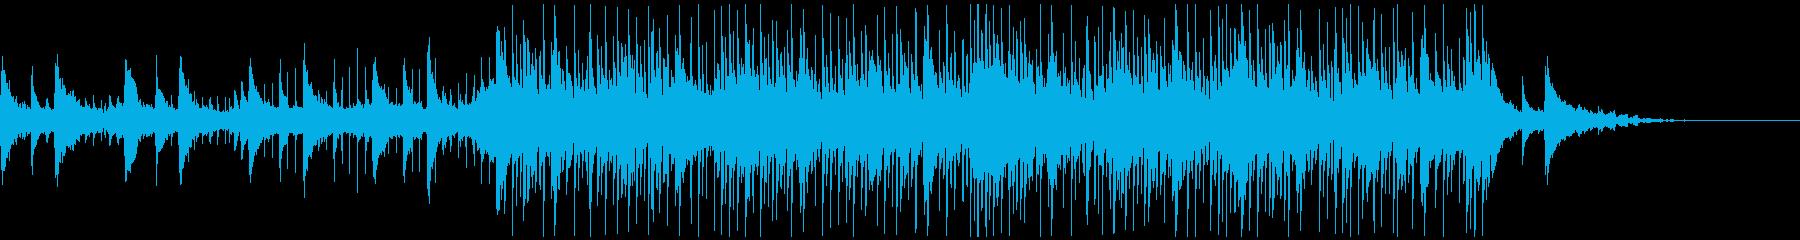 ピアノ/切なく綺麗なメロディのBGMの再生済みの波形